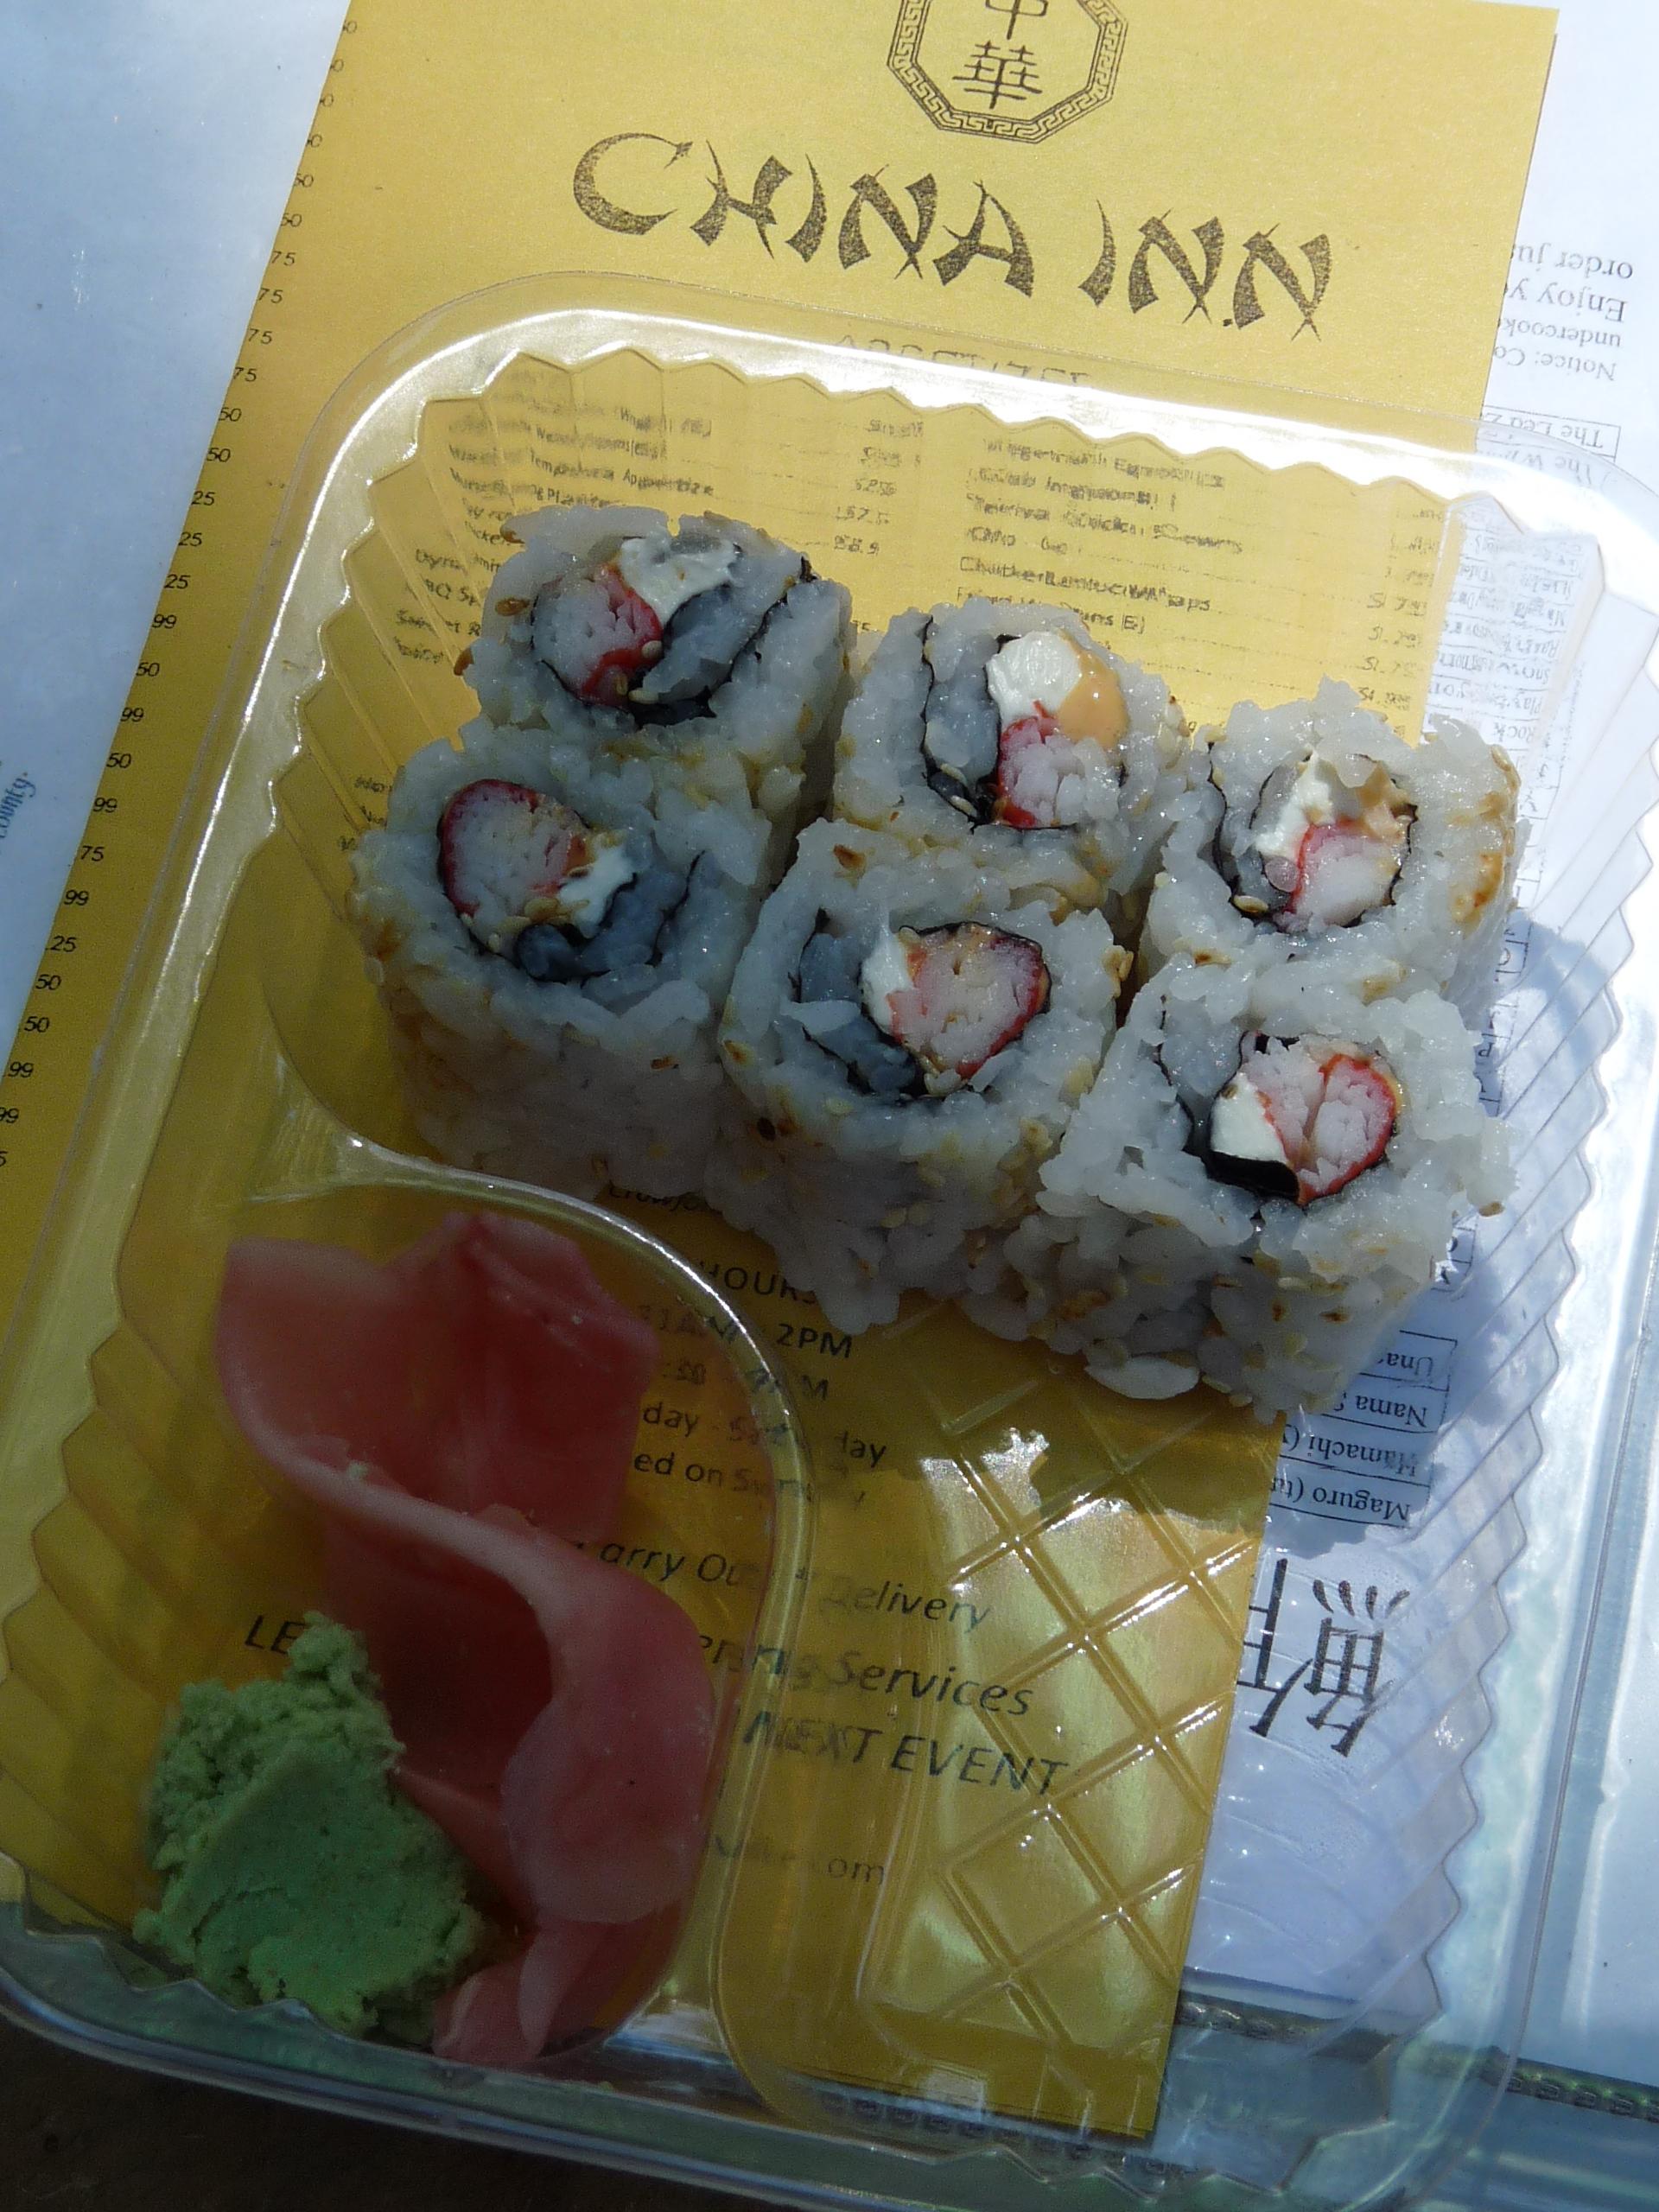 China Inn sushi